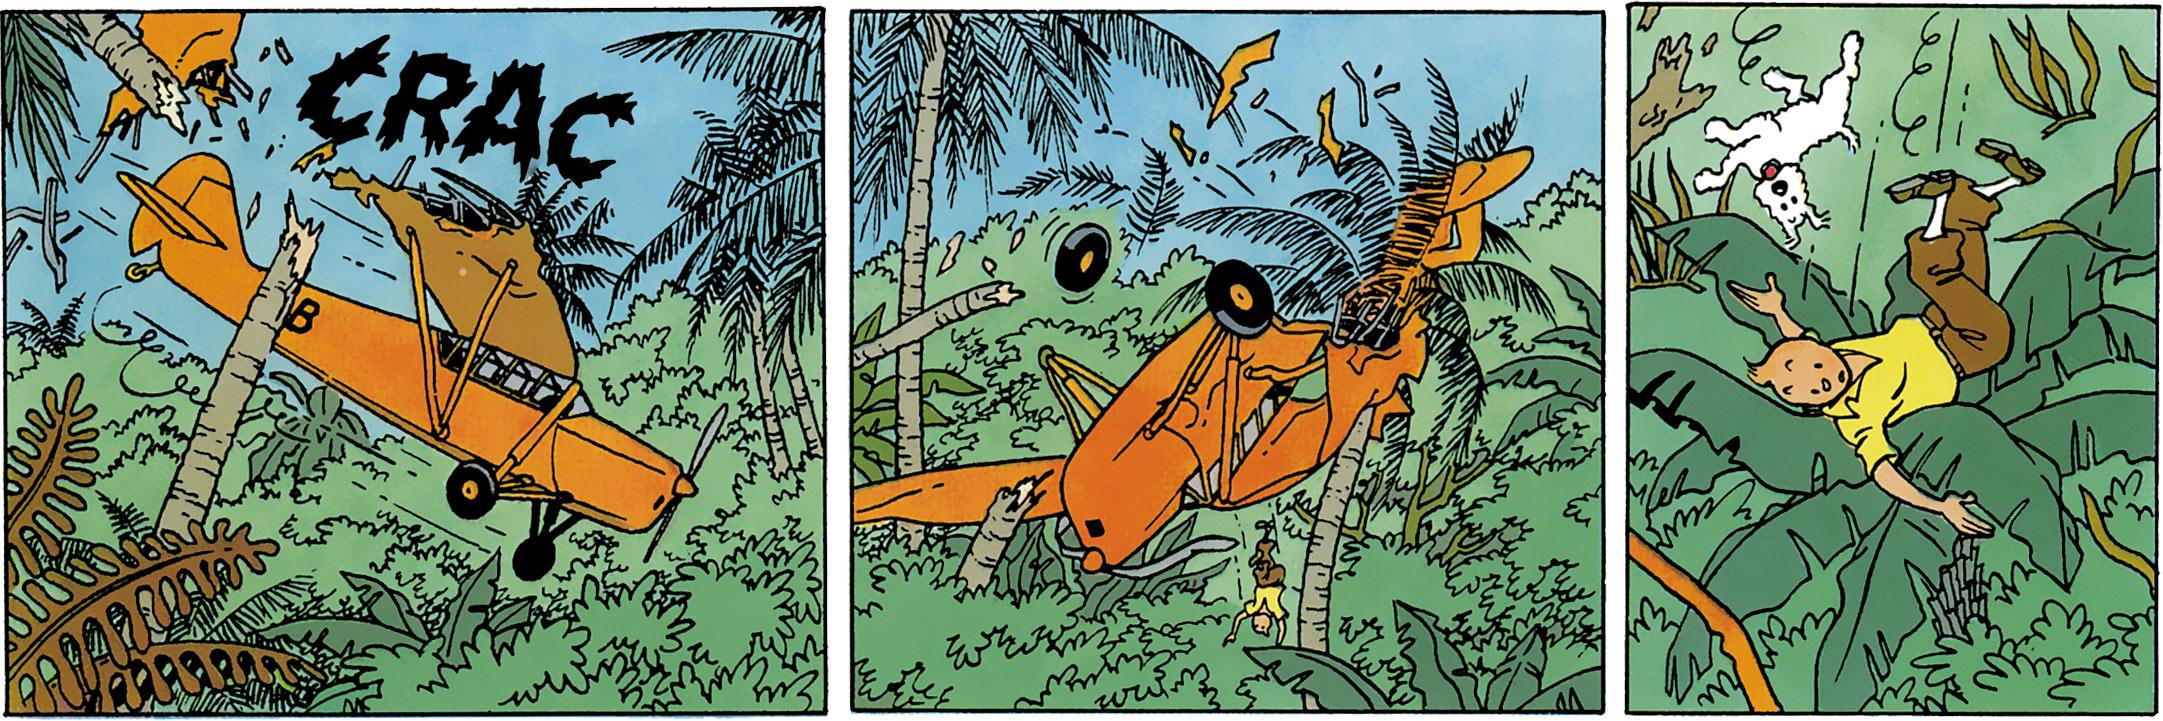 Cases des Cigares du Pharaon où l'avion de Tintin s'écrase dans la forêt en Inde